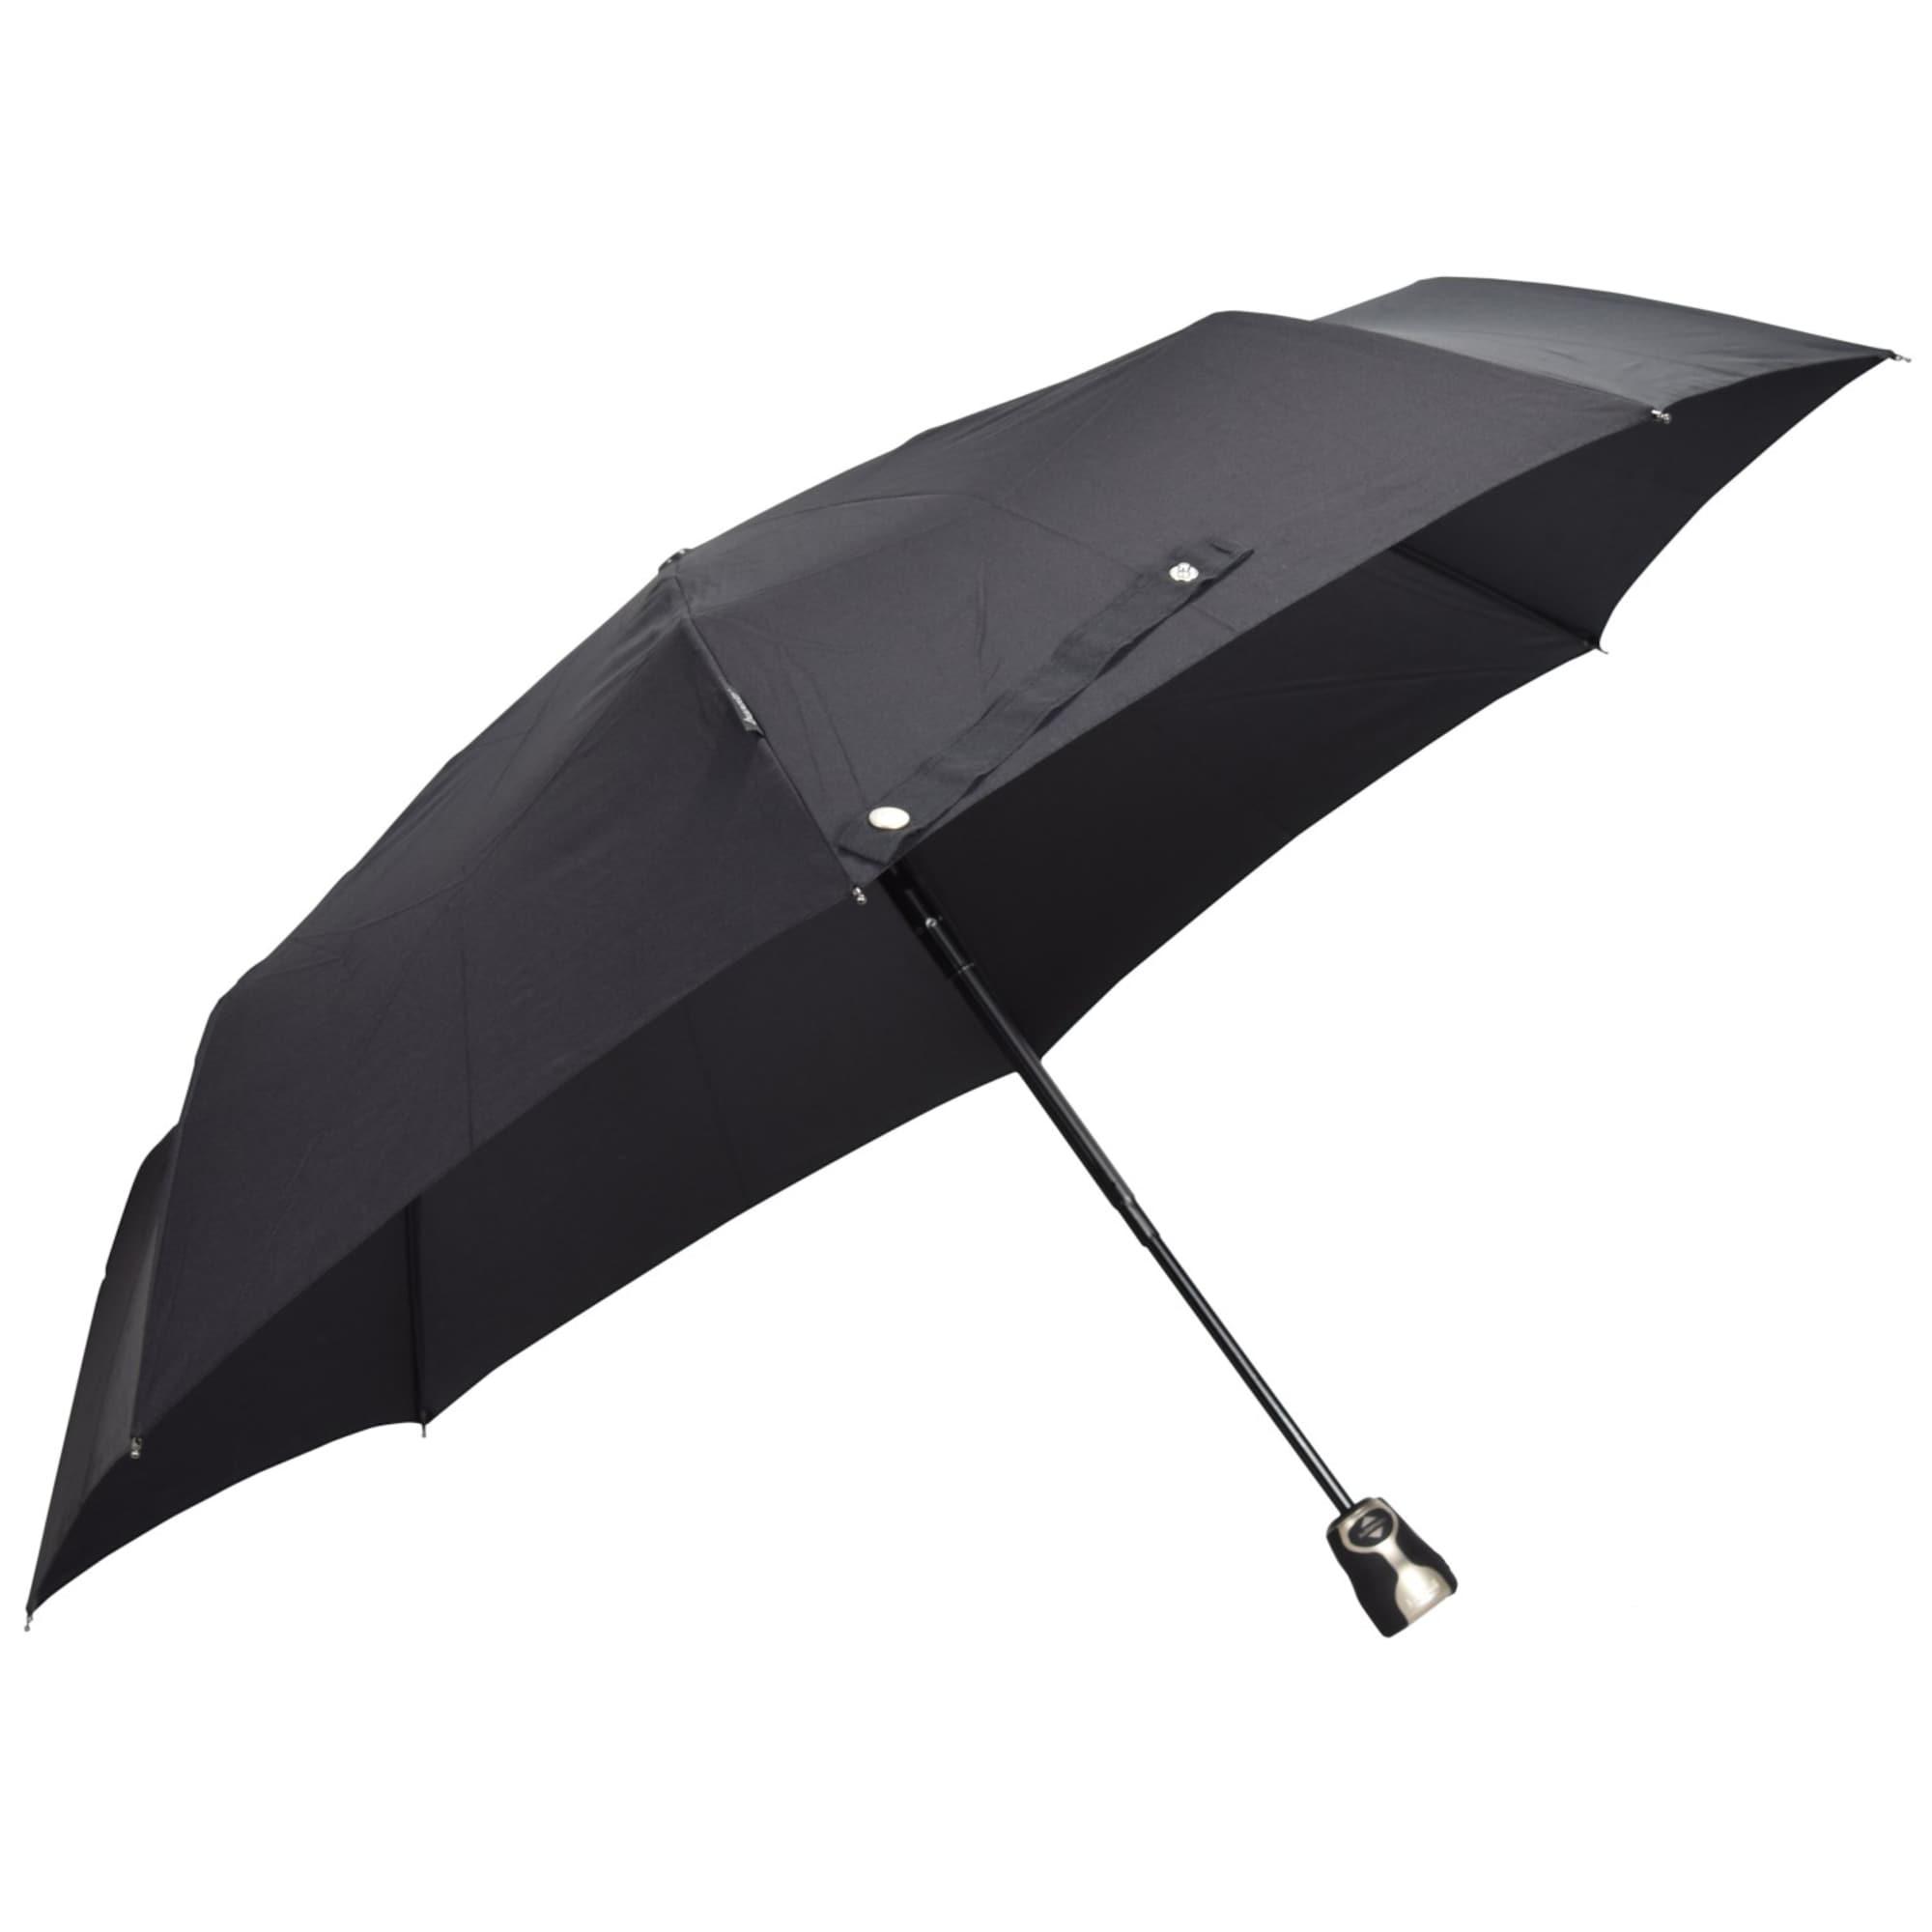 Taschenschirm | Accessoires > Regenschirme > Taschenschirme | Bugatti